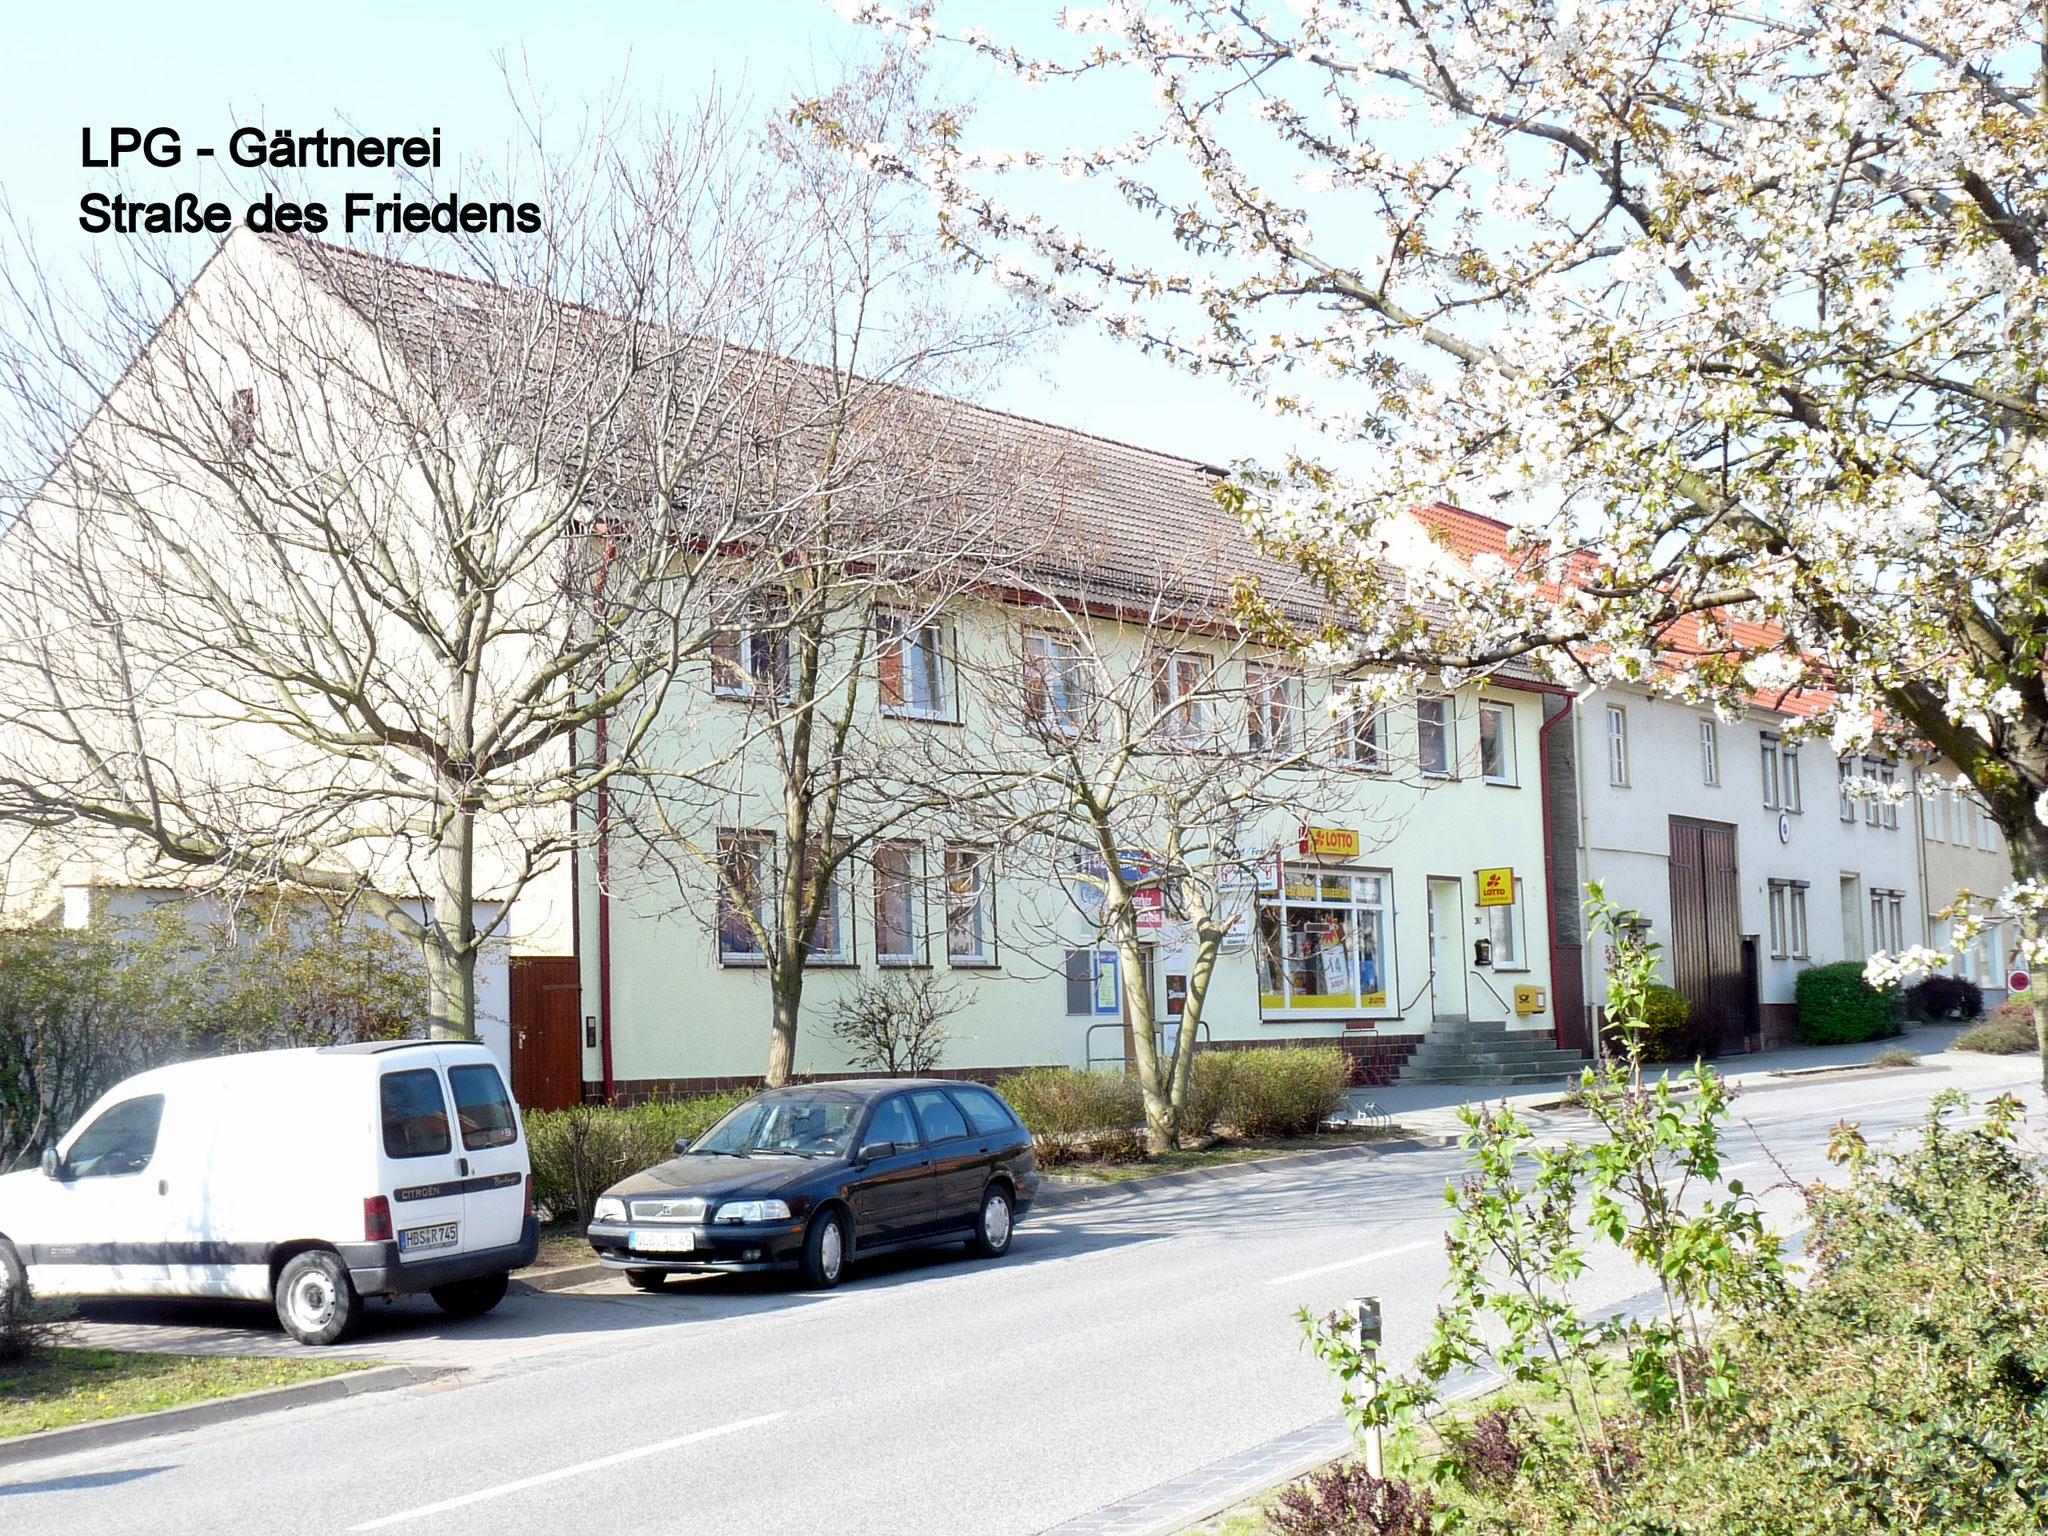 LPG-Gärtnerei